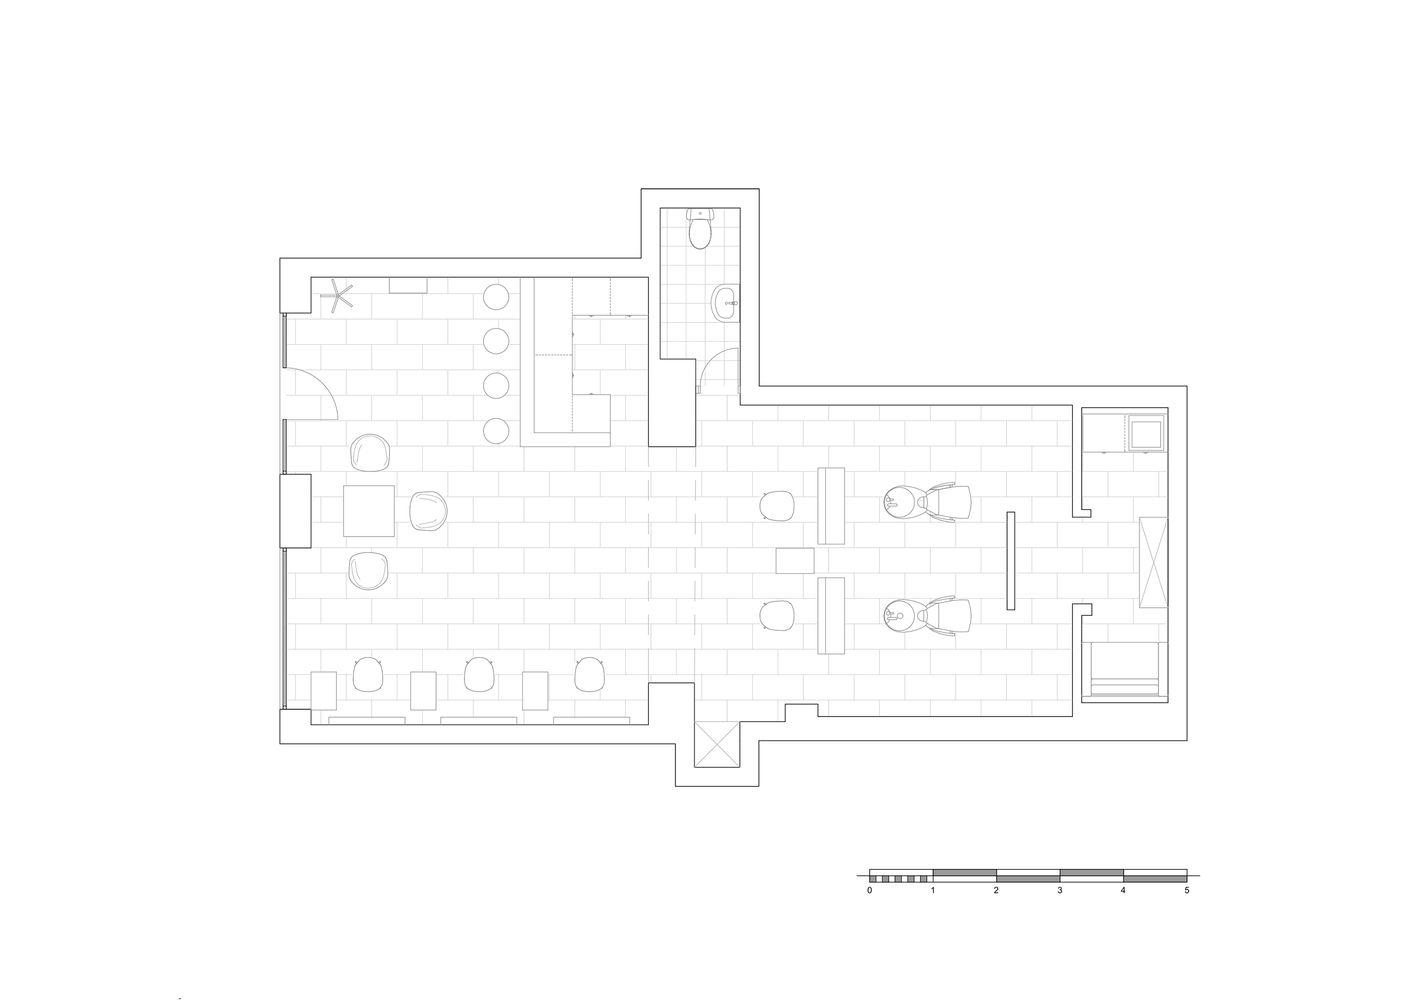 Galería de OD Blow Dry Bar / SNKH Architectural Studio - 18